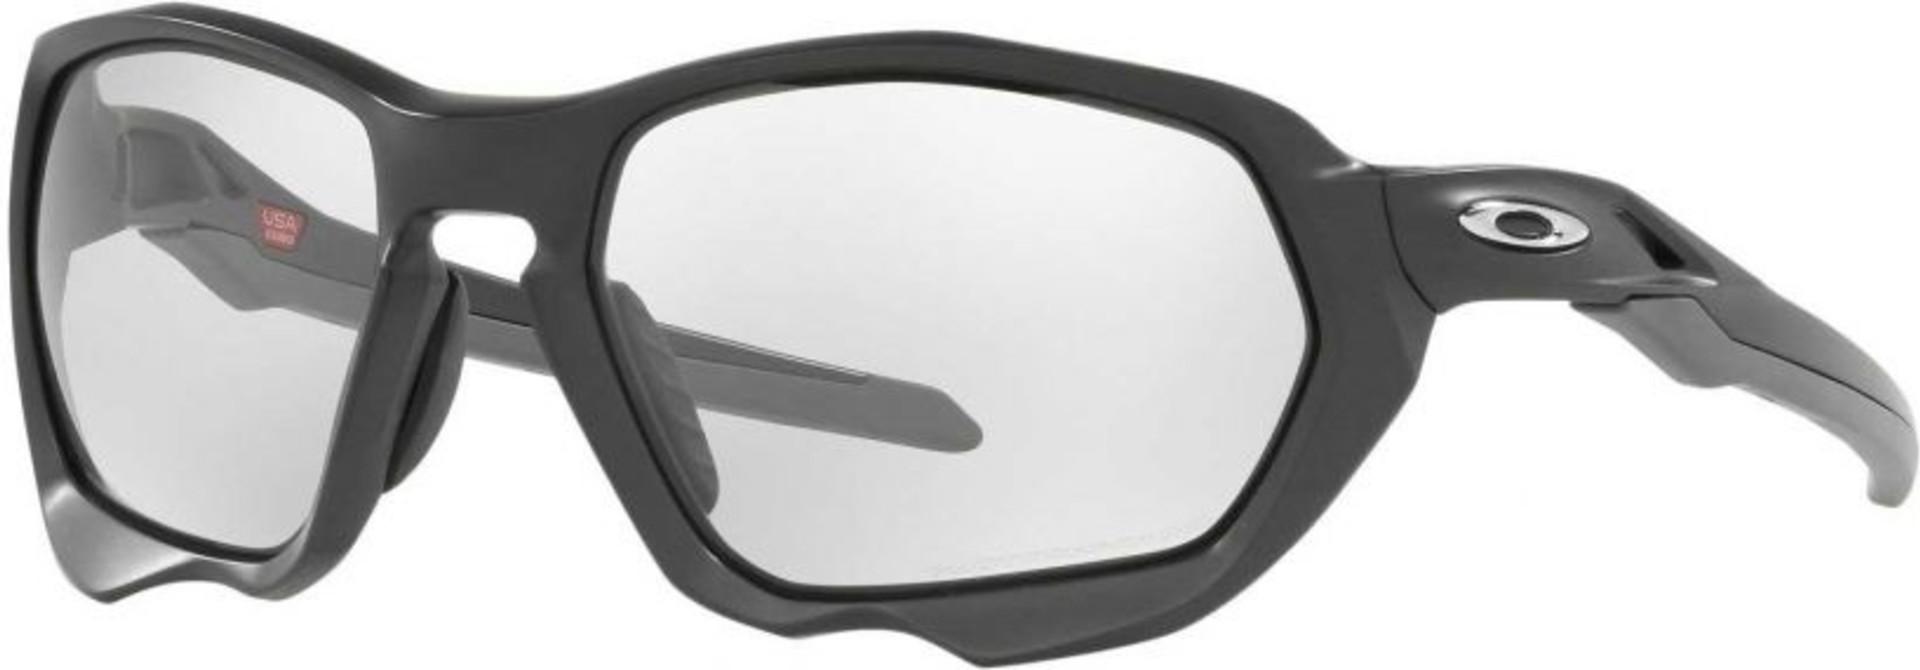 Oakley Plazma OO9019-05